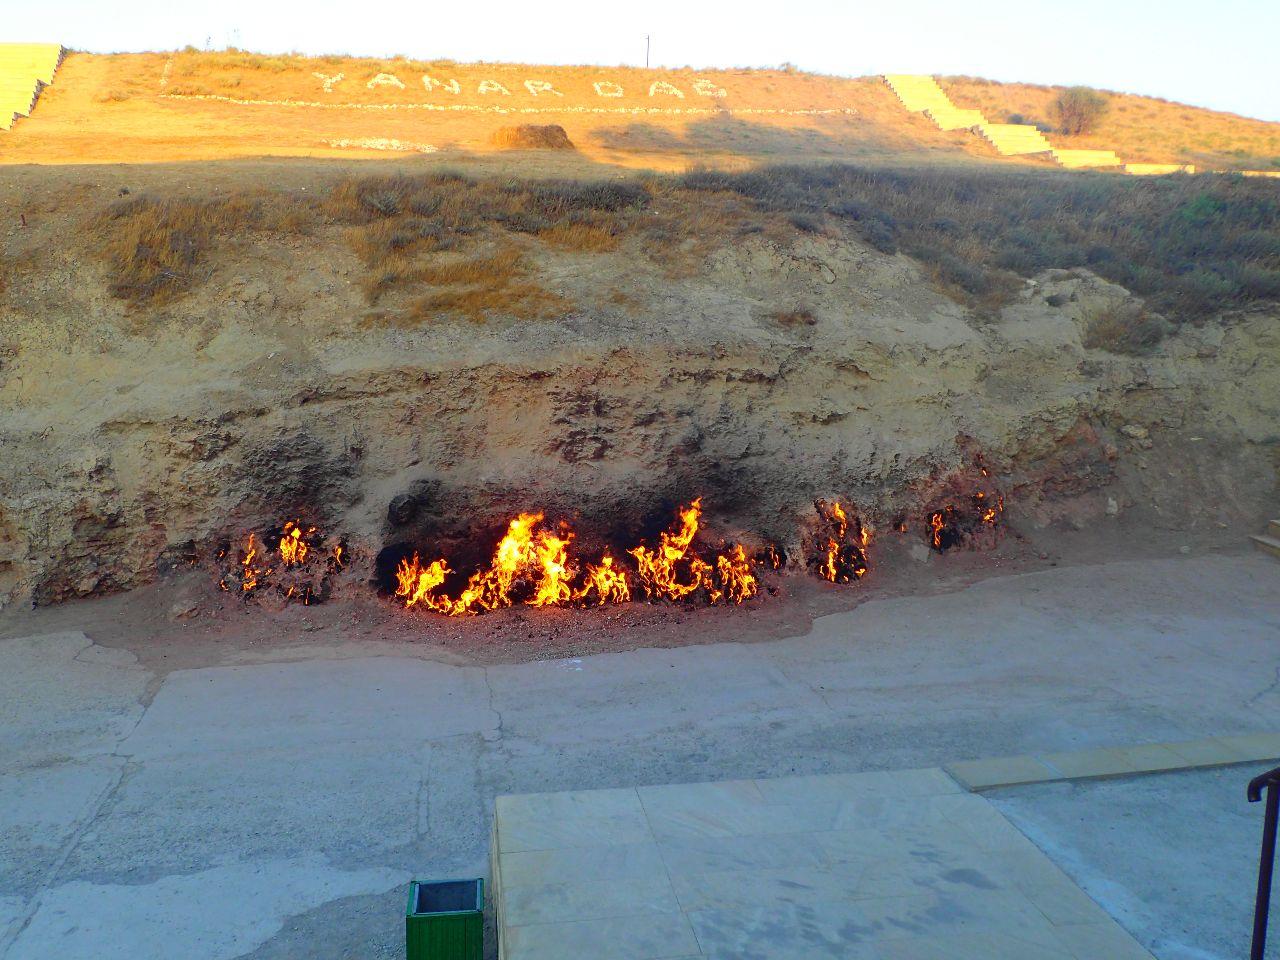 А у Вас горела земля под ногами? ЯнарДаг — гиена огненная